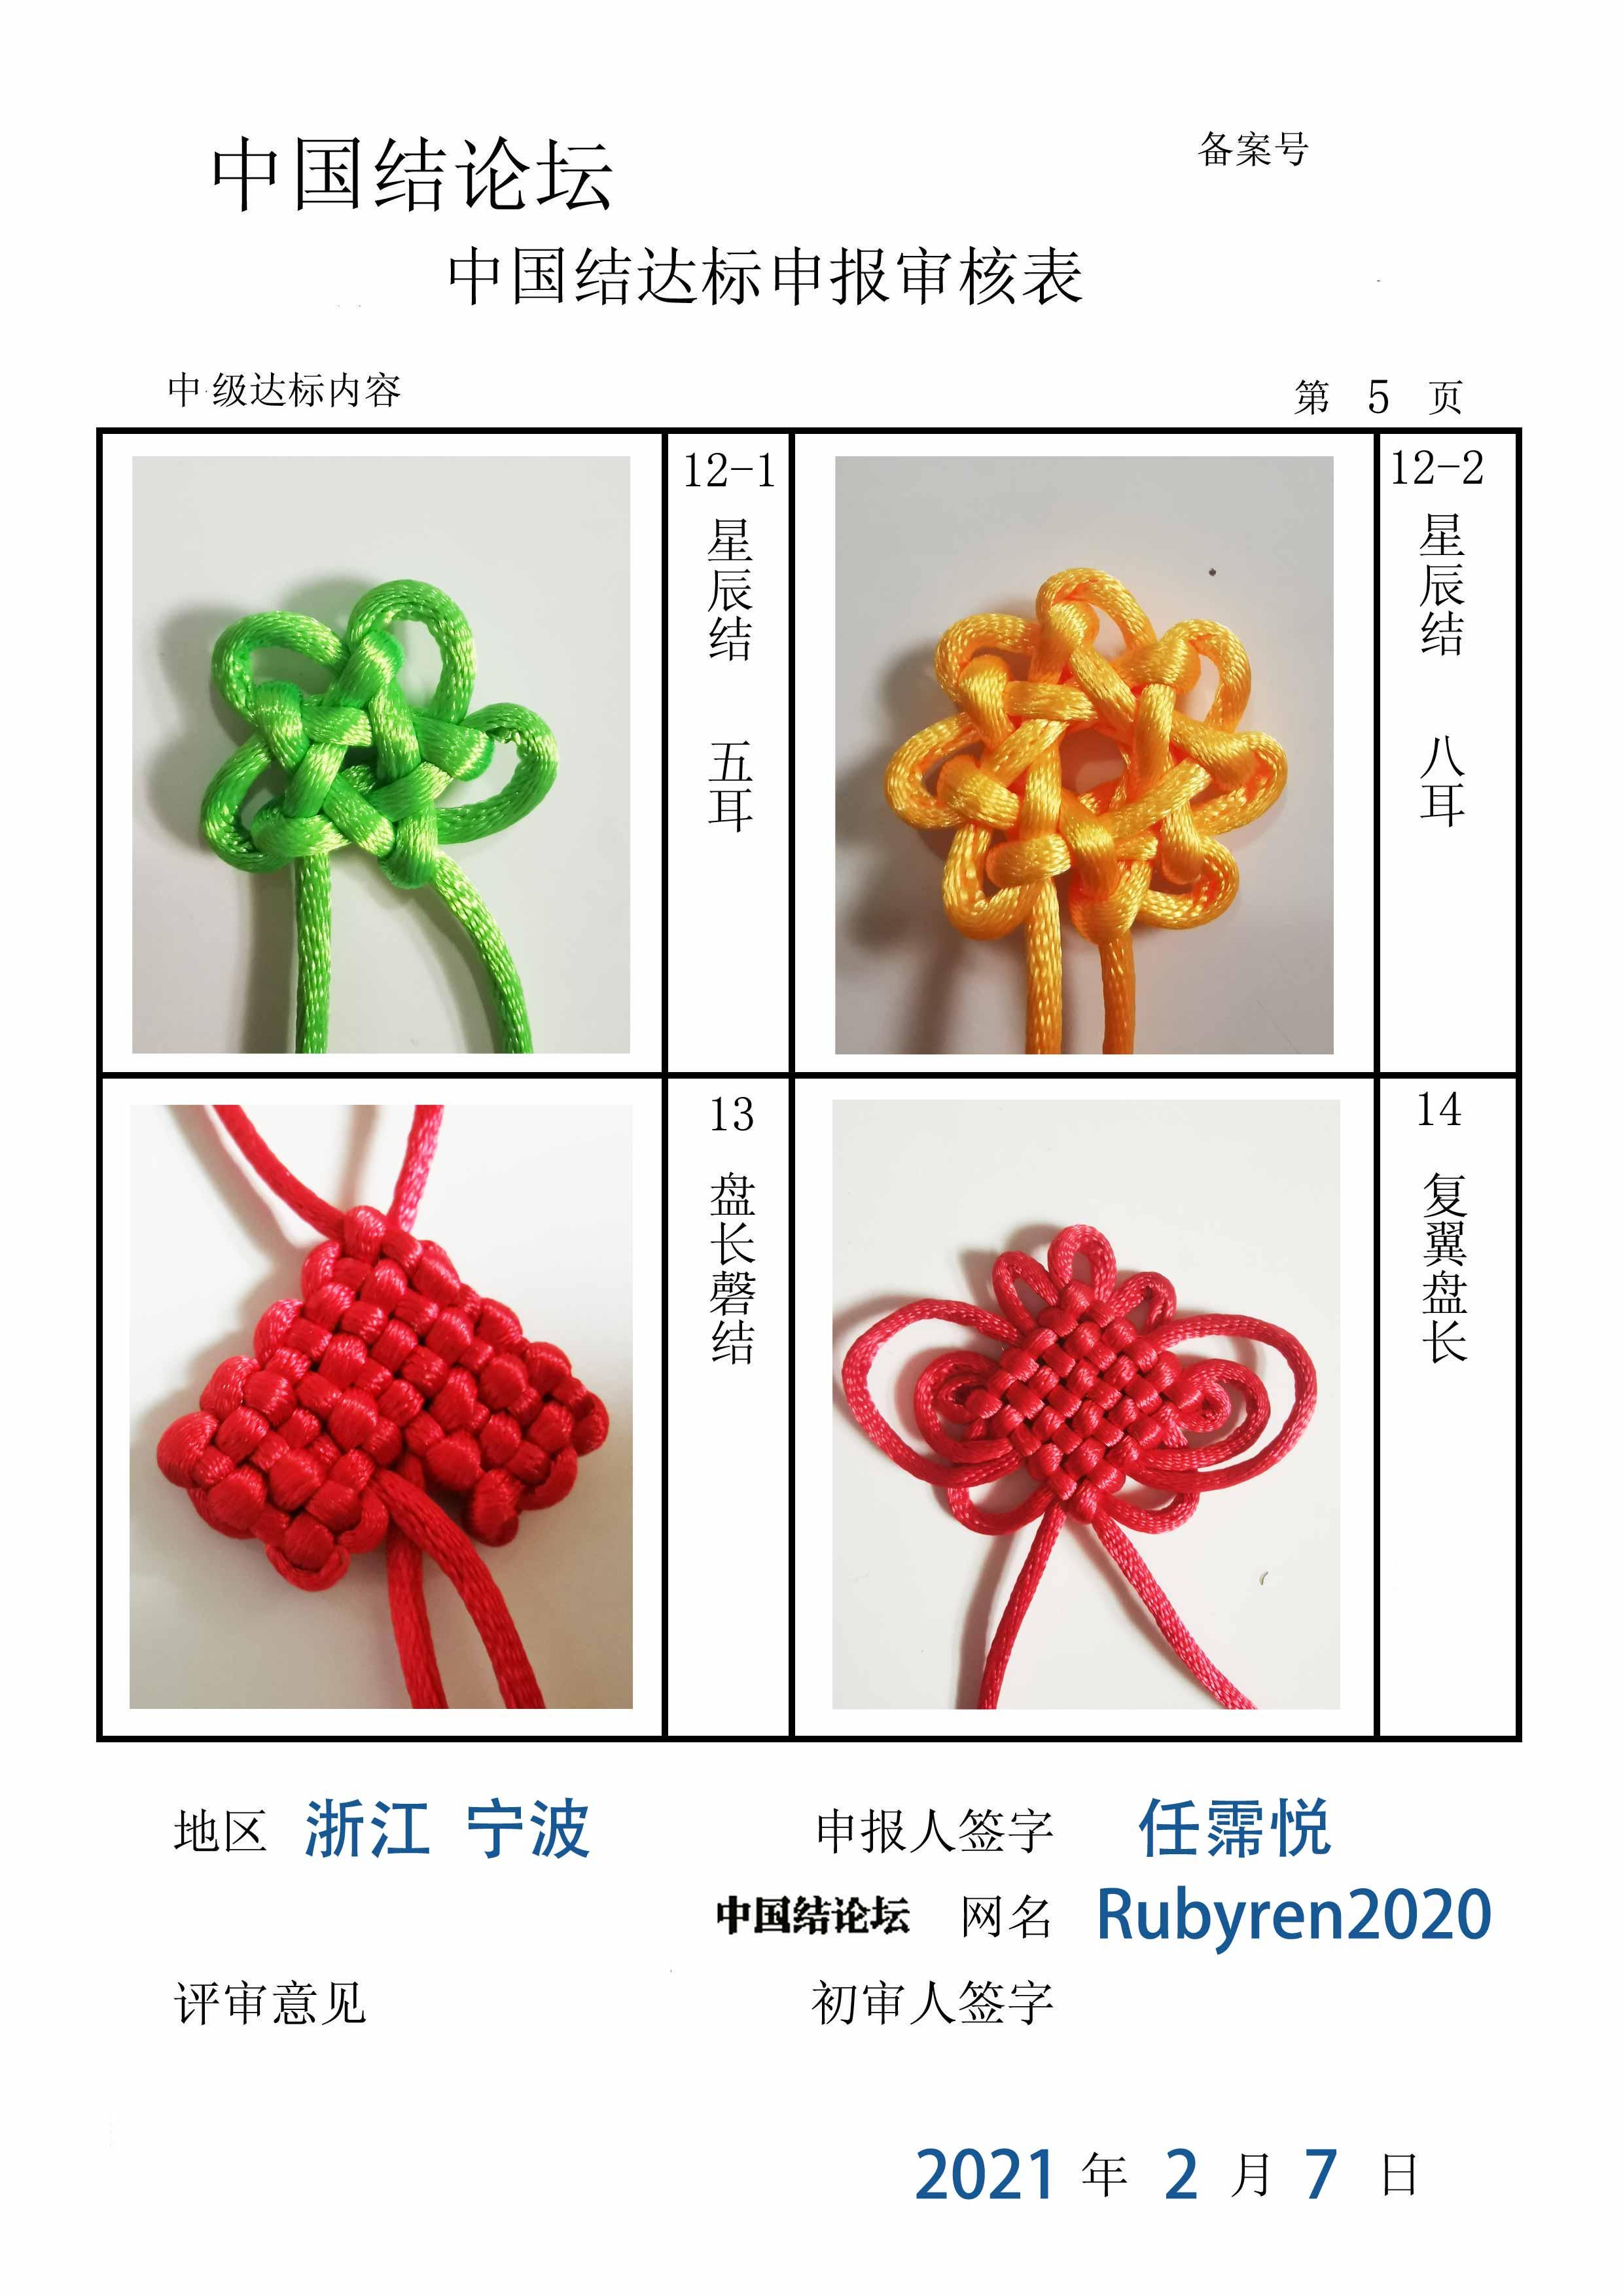 中国结论坛 Rubyren2020-中级达标申请稿件  中国绳结艺术分级达标审核 213001l0uib143f5b1fud2